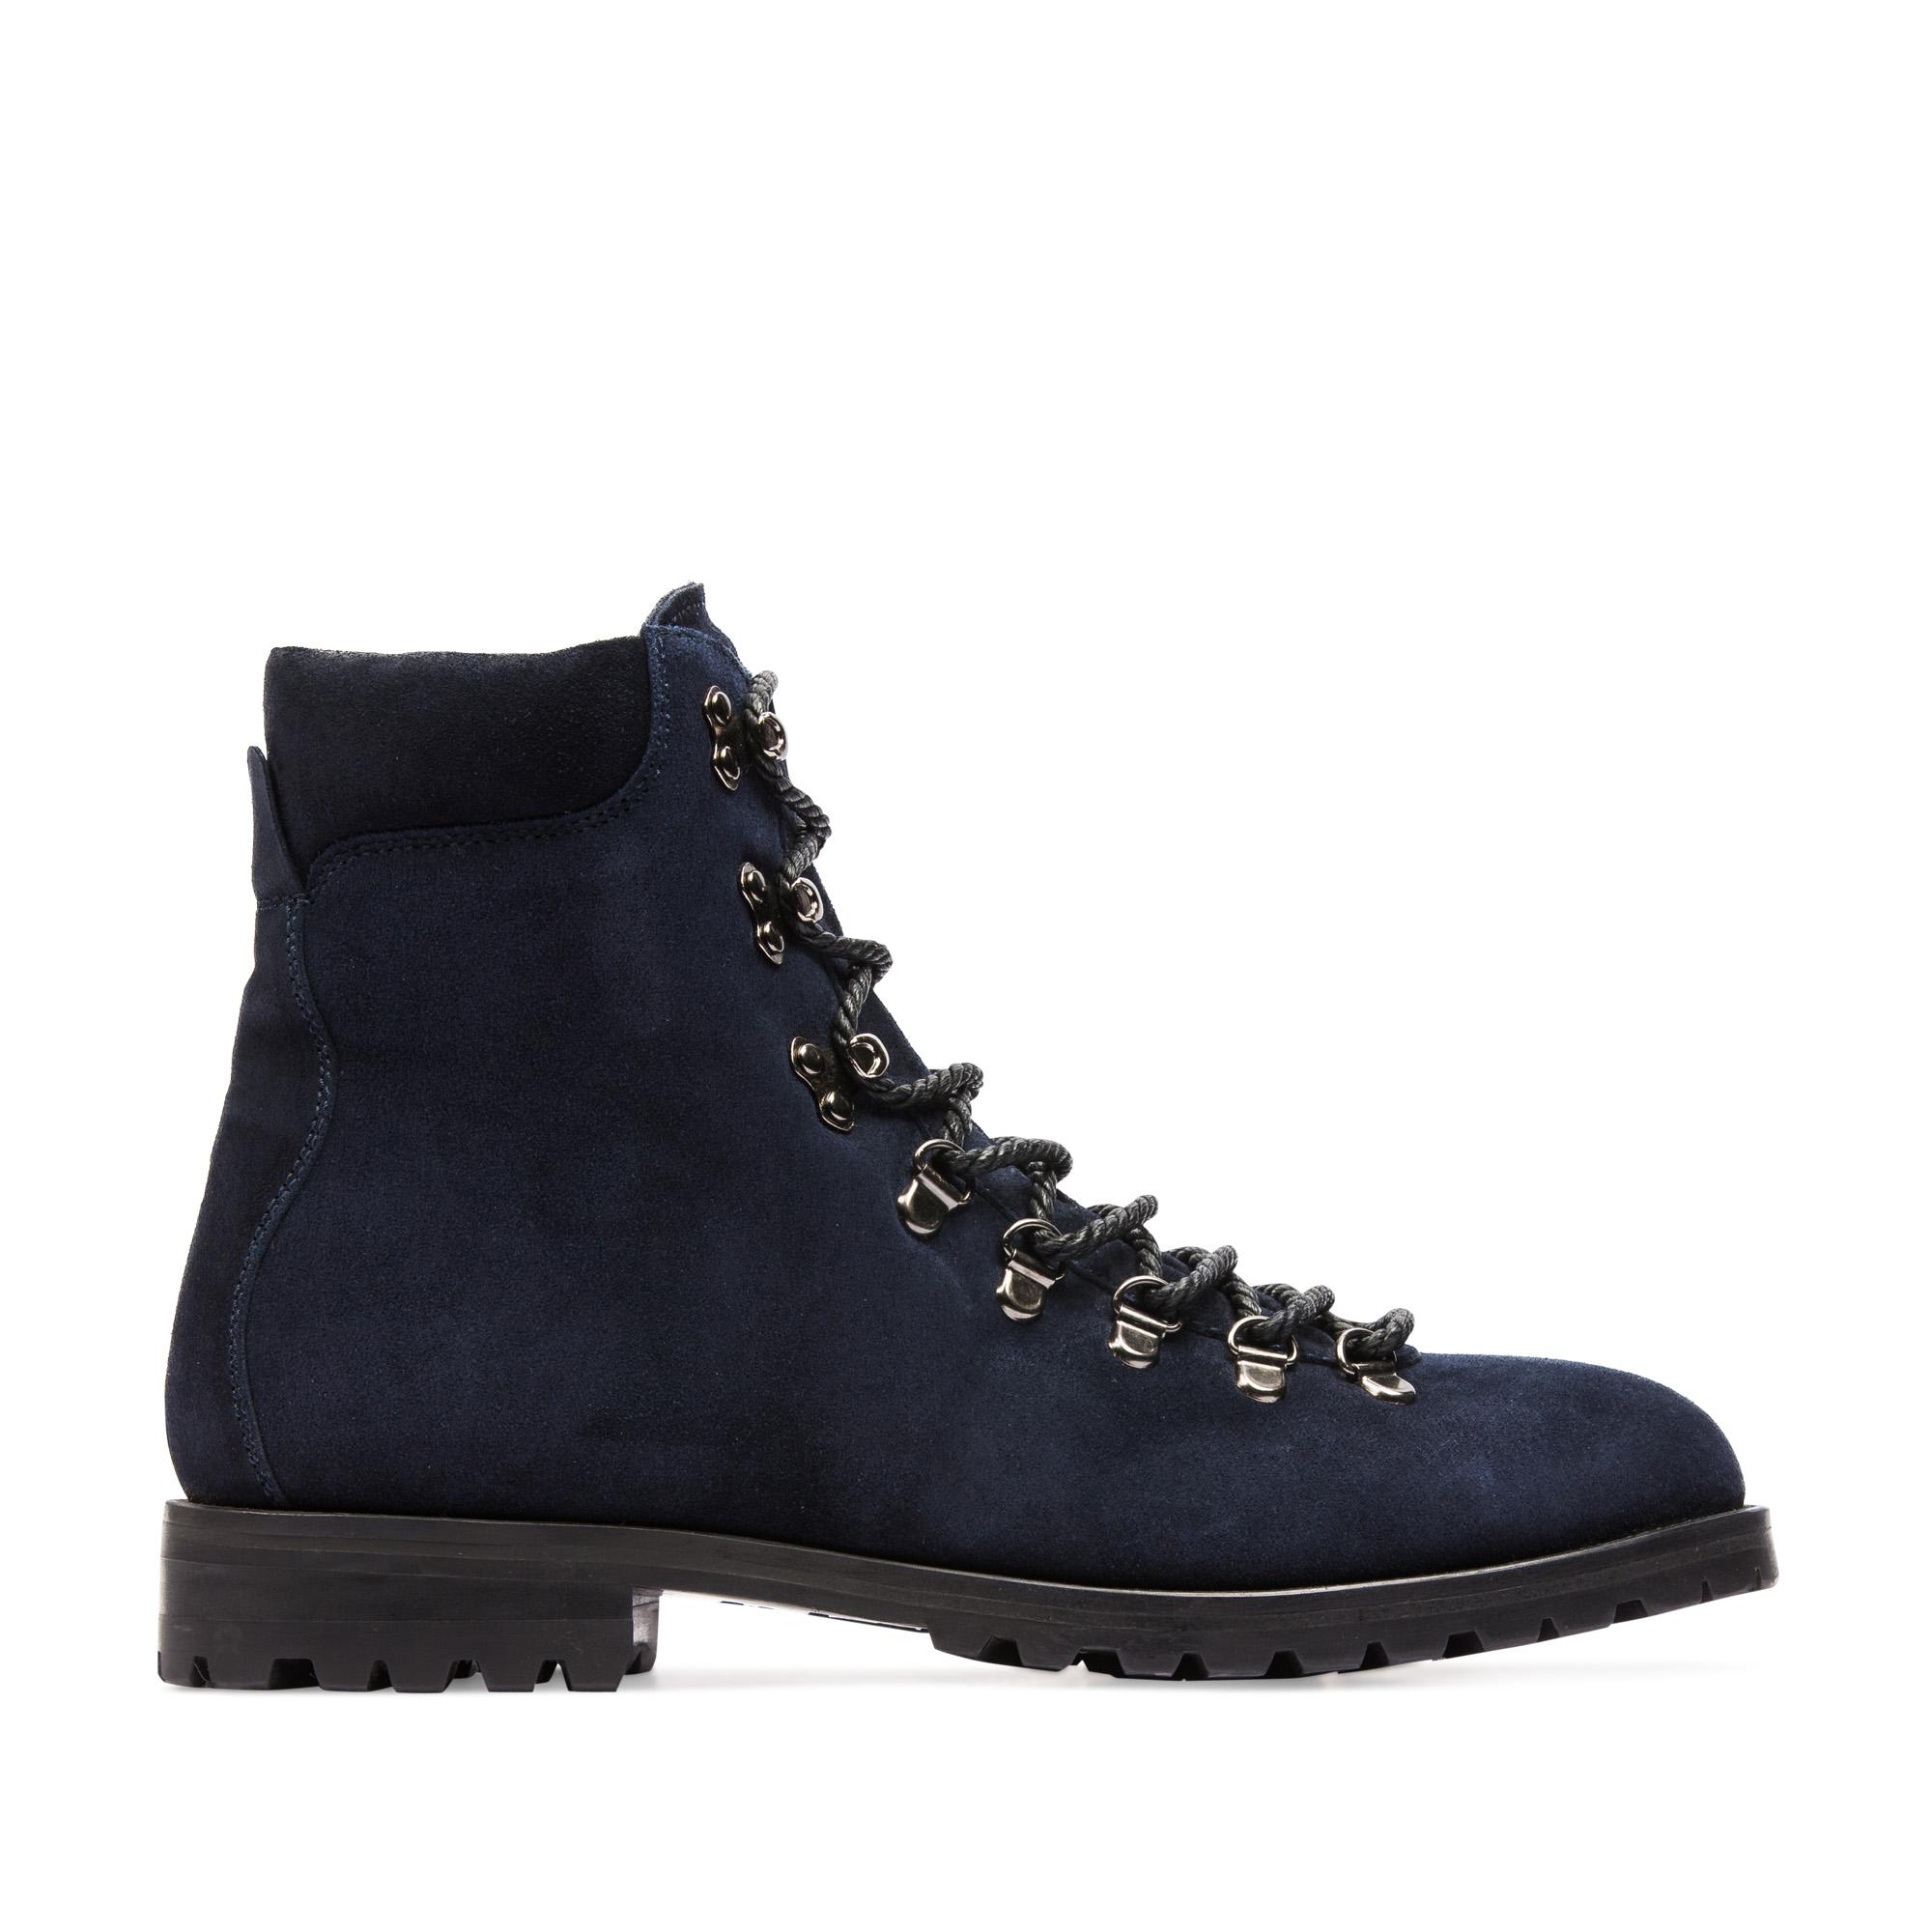 Высокие ботинки из замши темно-синего цвета на протекторной подошвеБотинки мужские<br><br>Материал верха: Замша<br>Материал подкладки: Кожа<br>Материал подошвы: Резина<br>Цвет: Синий<br>Высота каблука: 3 см<br>Дизайн: Италия<br>Страна производства: Китай<br><br>Высота каблука: 3 см<br>Материал верха: Замша<br>Материал подкладки: Кожа<br>Цвет: Синий<br>Пол: Мужской<br>Вес кг: 2.22000000<br>Размер обуви: 43